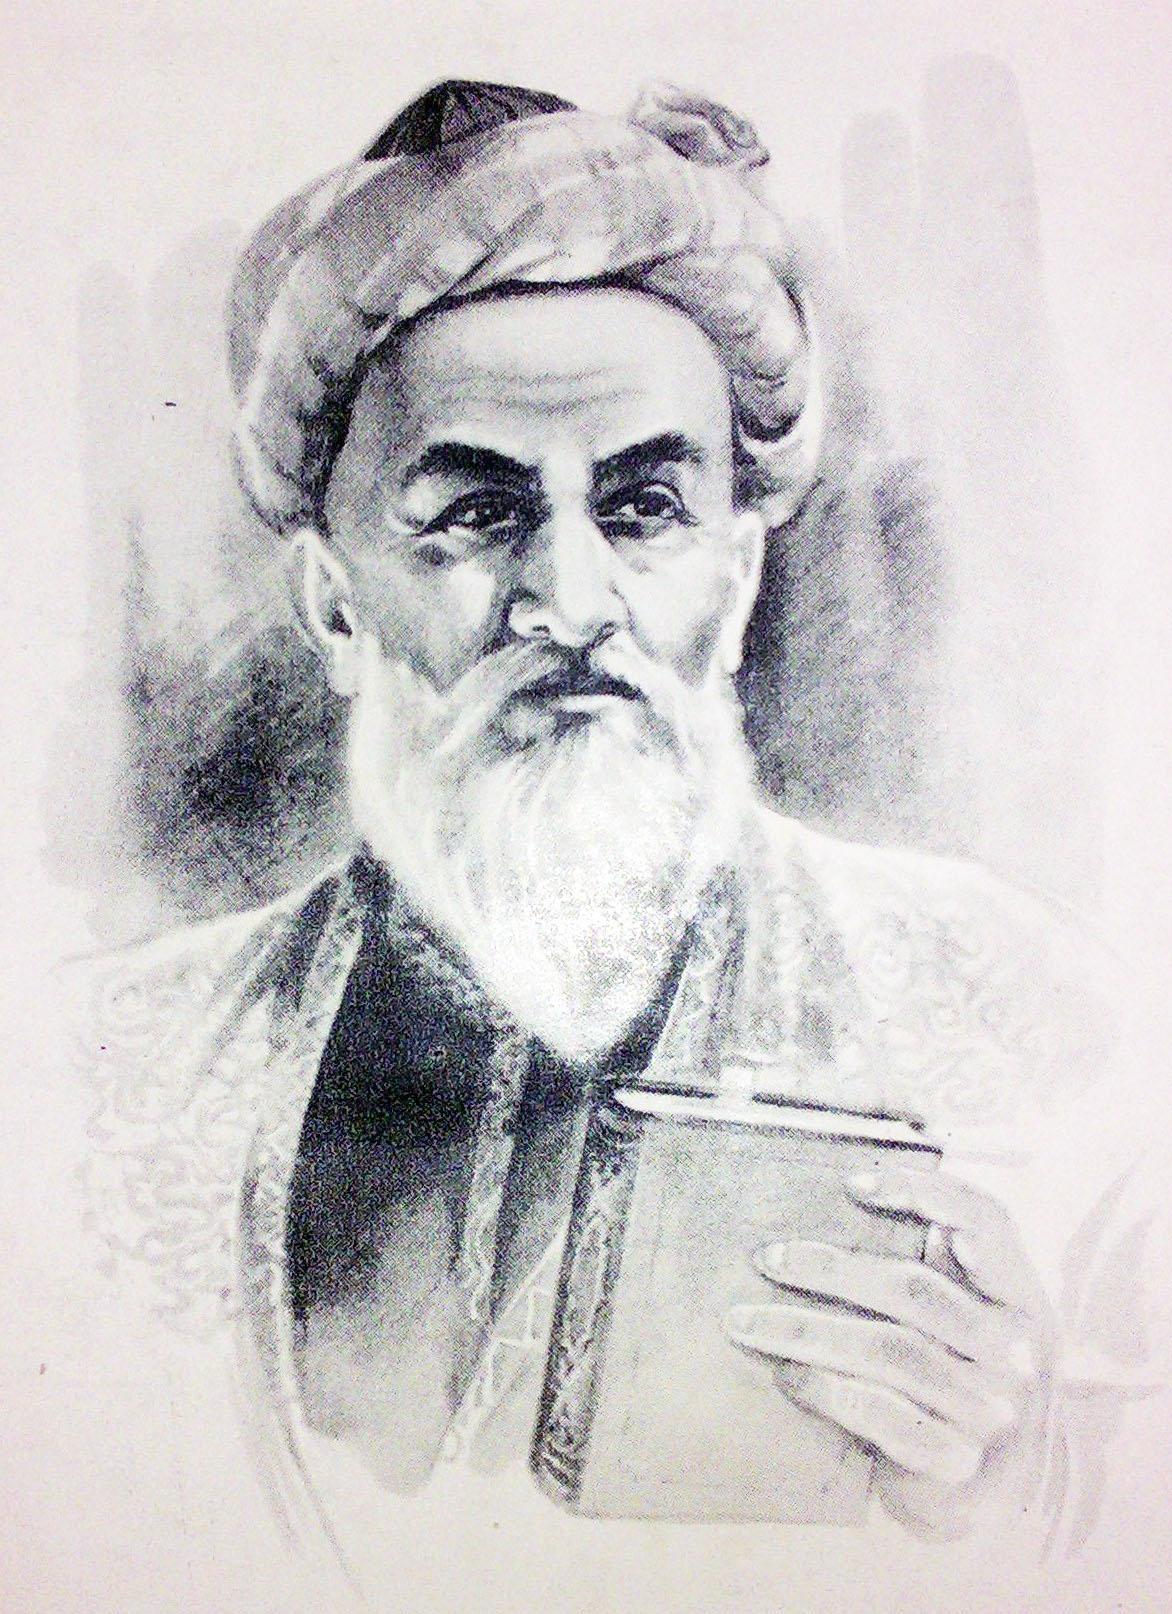 Ибн Сина родился в один день со мной, только чуть раньше – 21 августа 980 года.